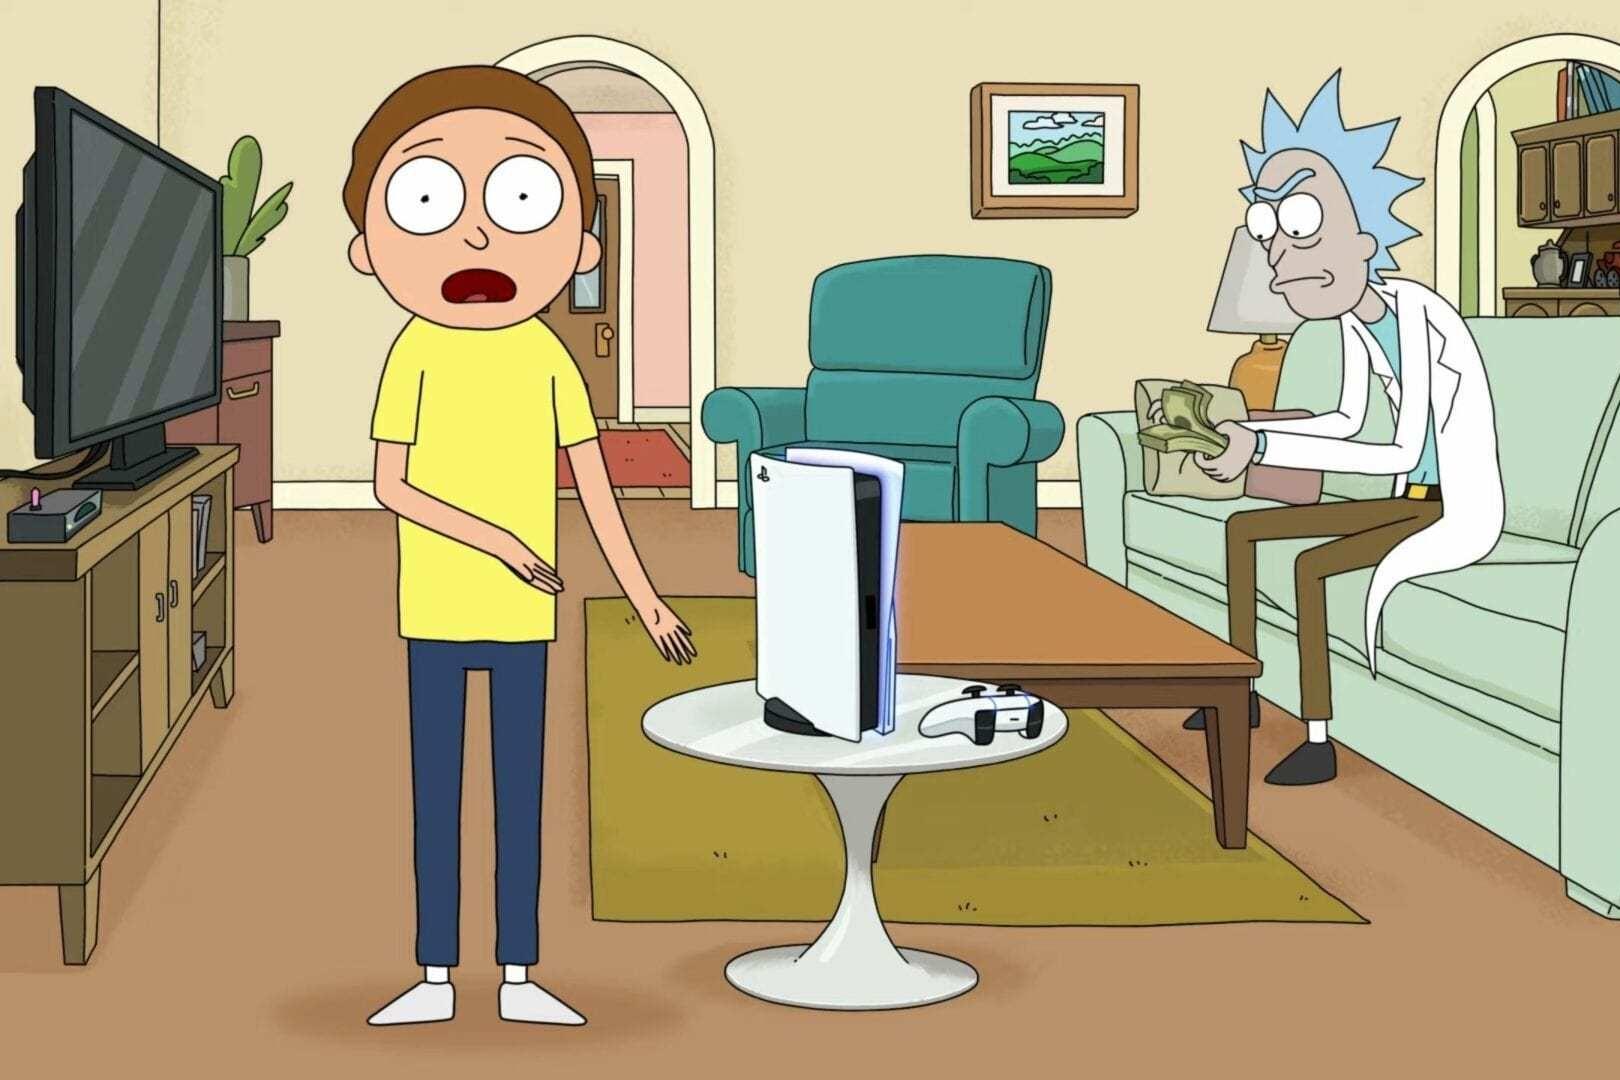 Rick and Morty aparecem em comercial hilário do PS5